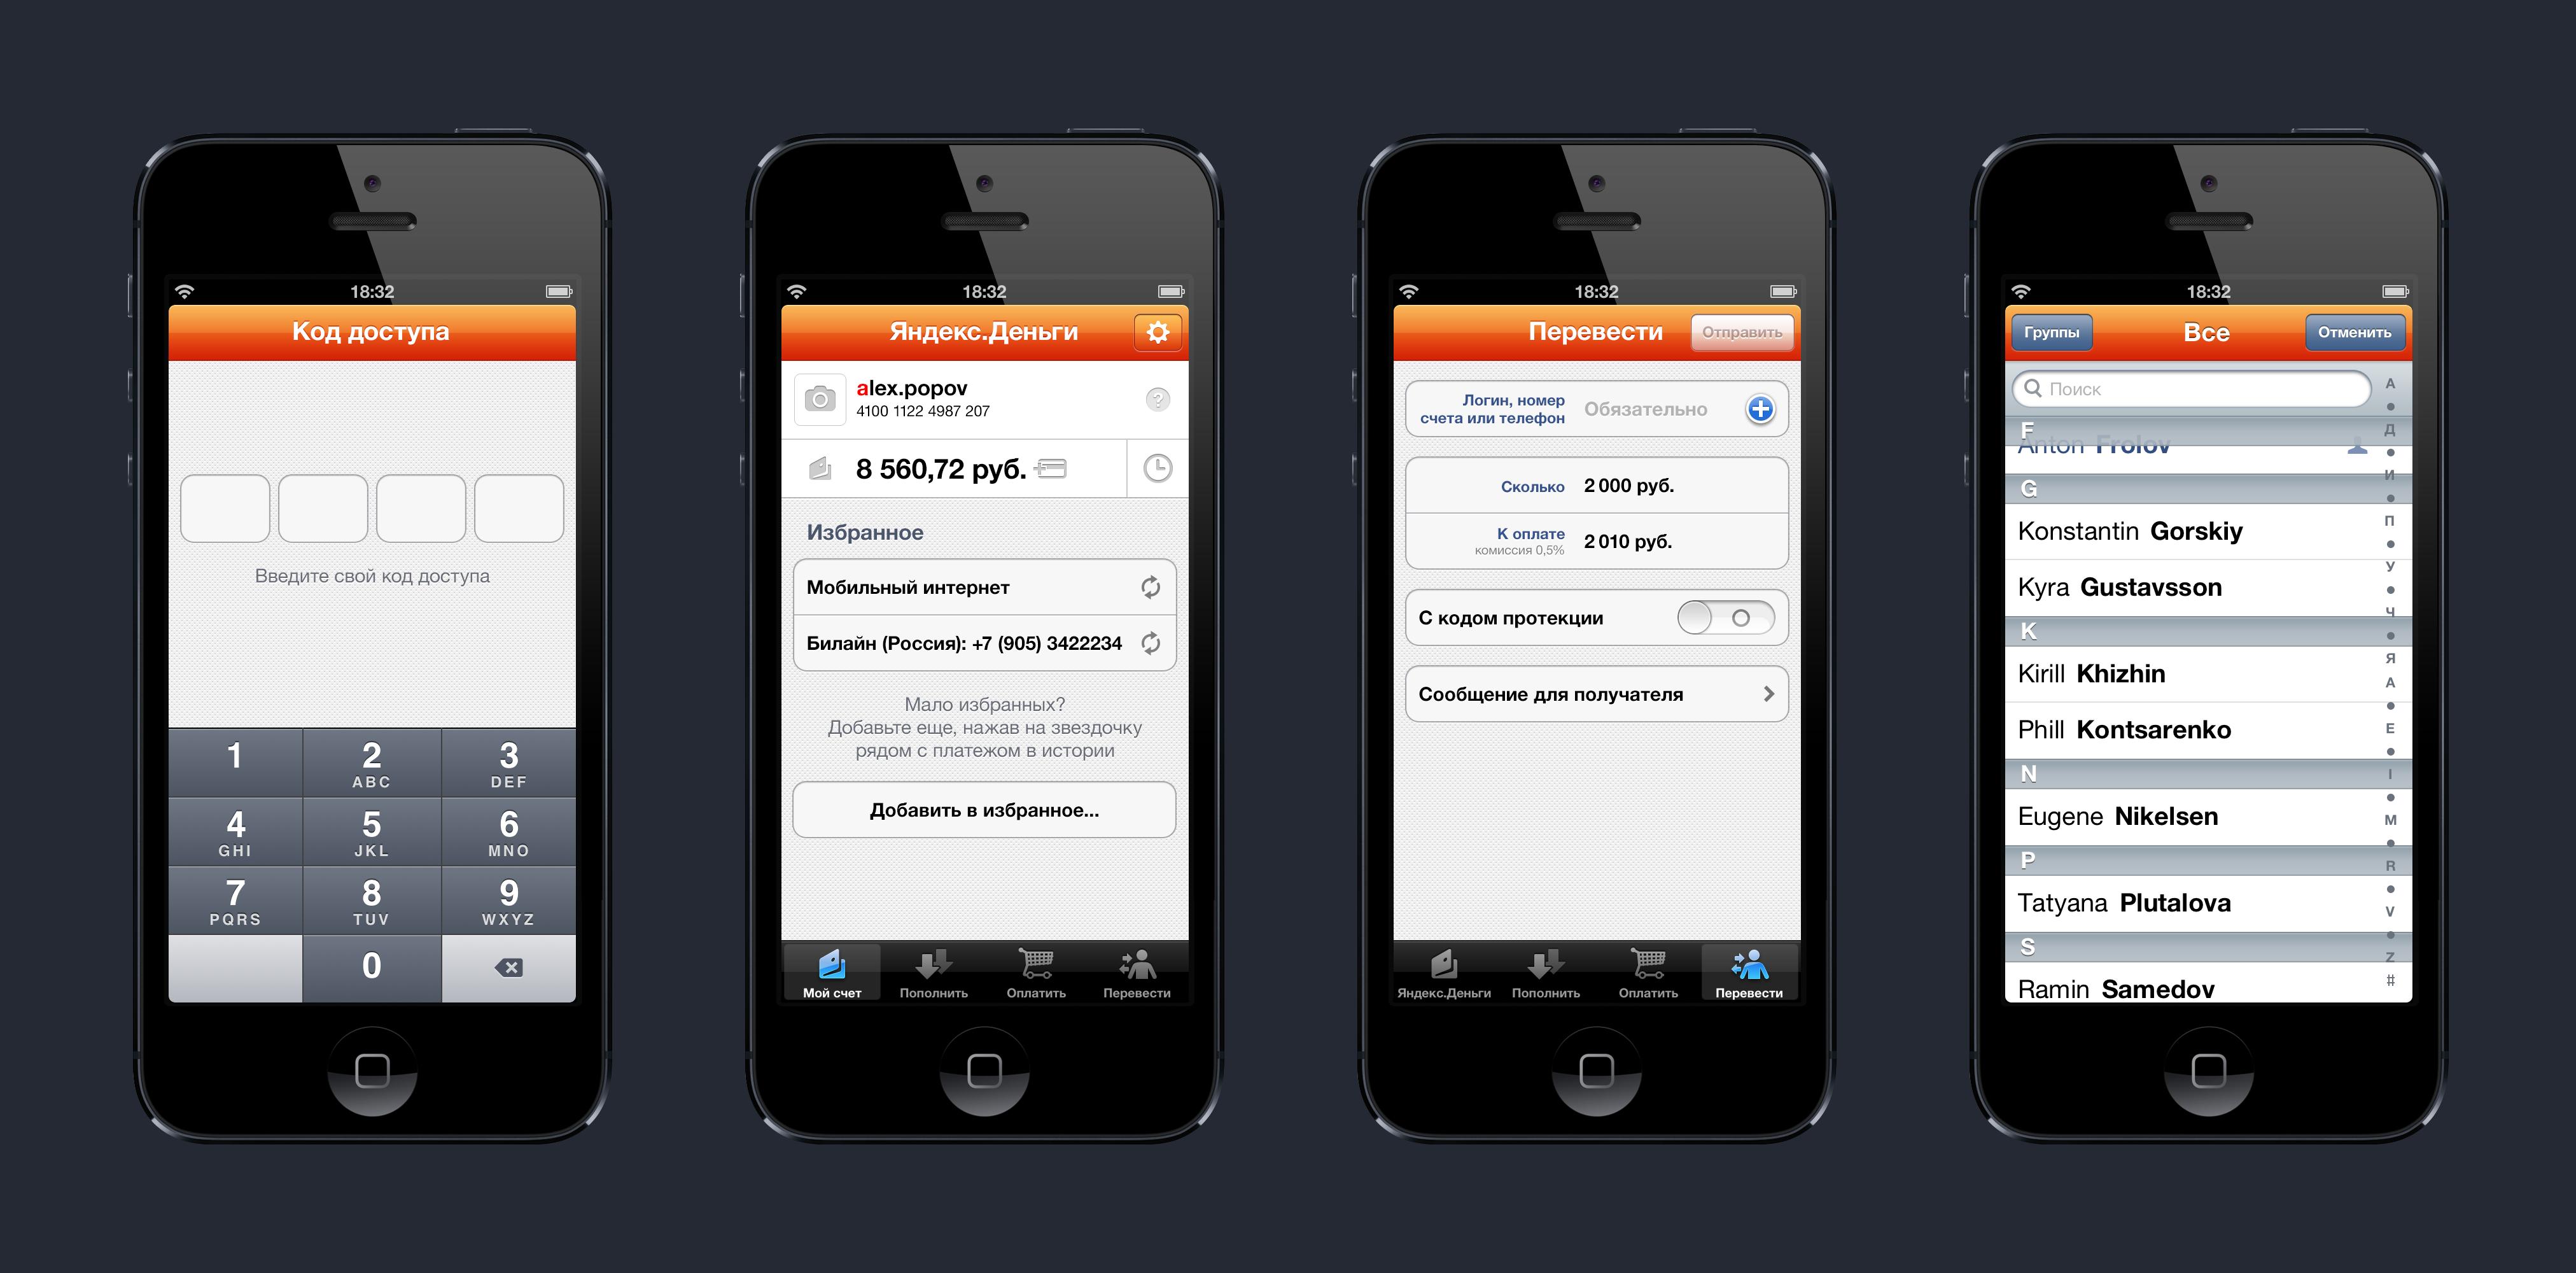 Мобильное приложение Яндекс.Денег для iOS, iPhone и iPad